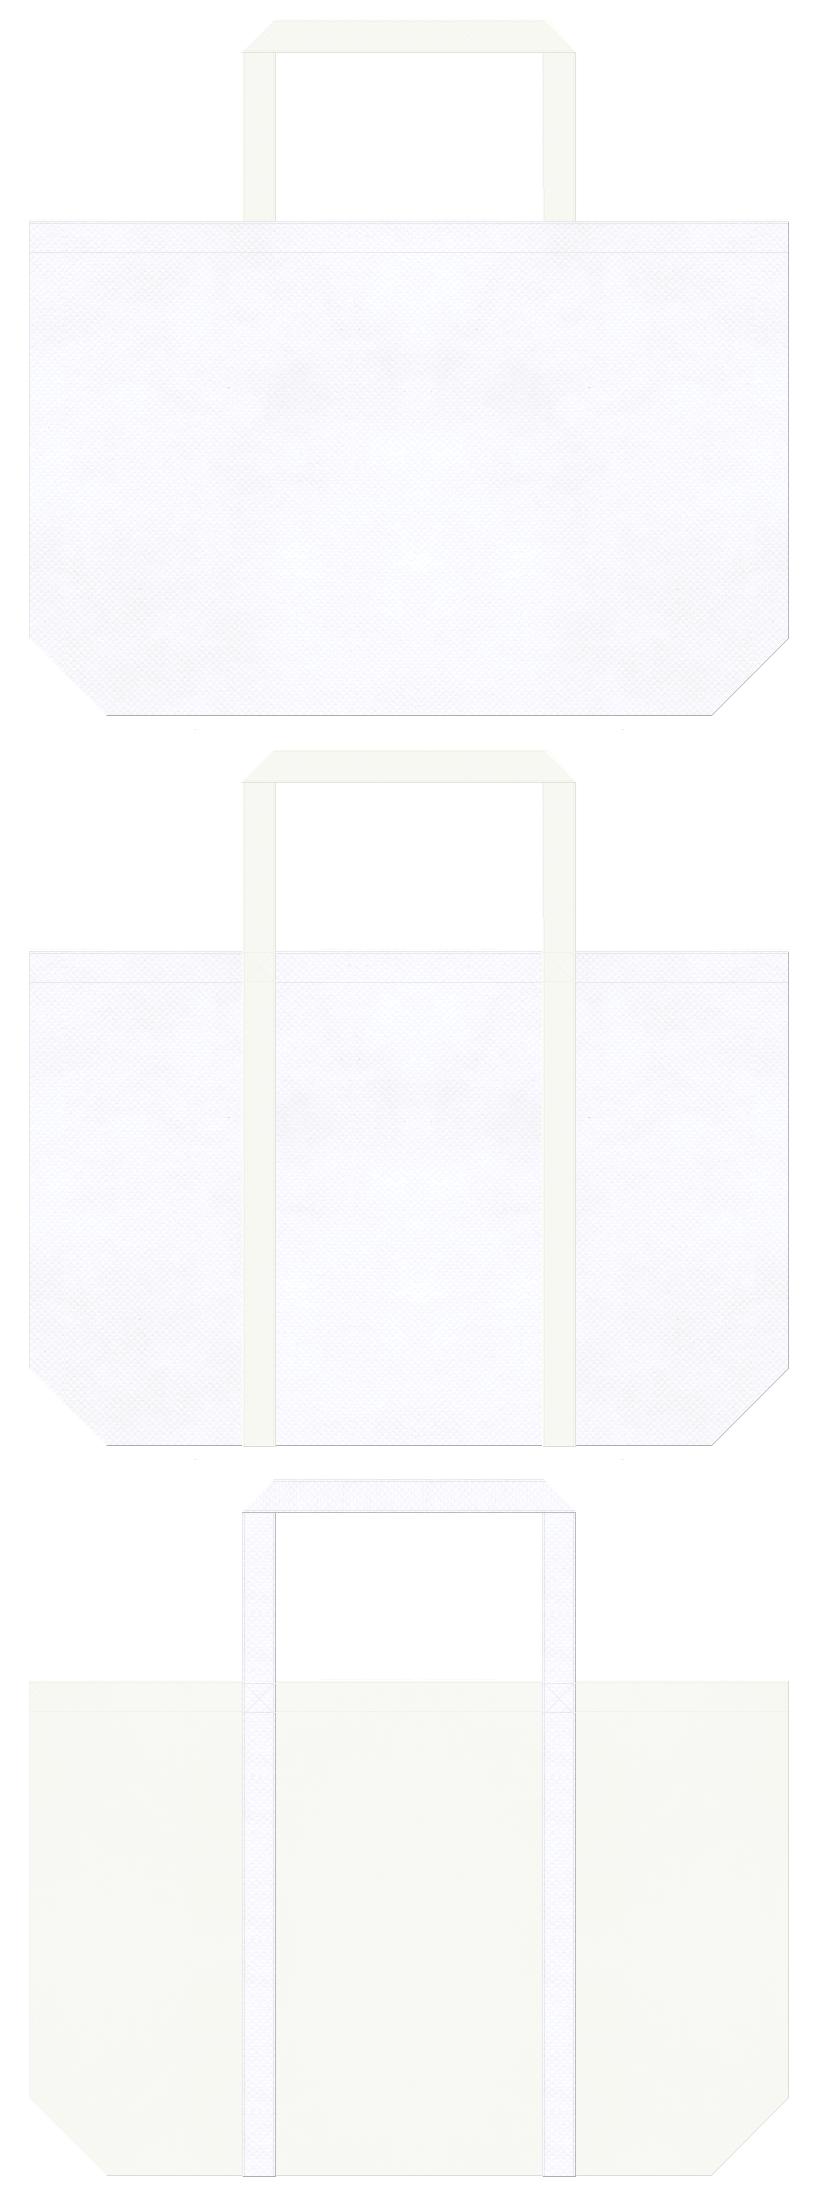 白色とオフホワイト色の不織布ショッピングバッグデザイン